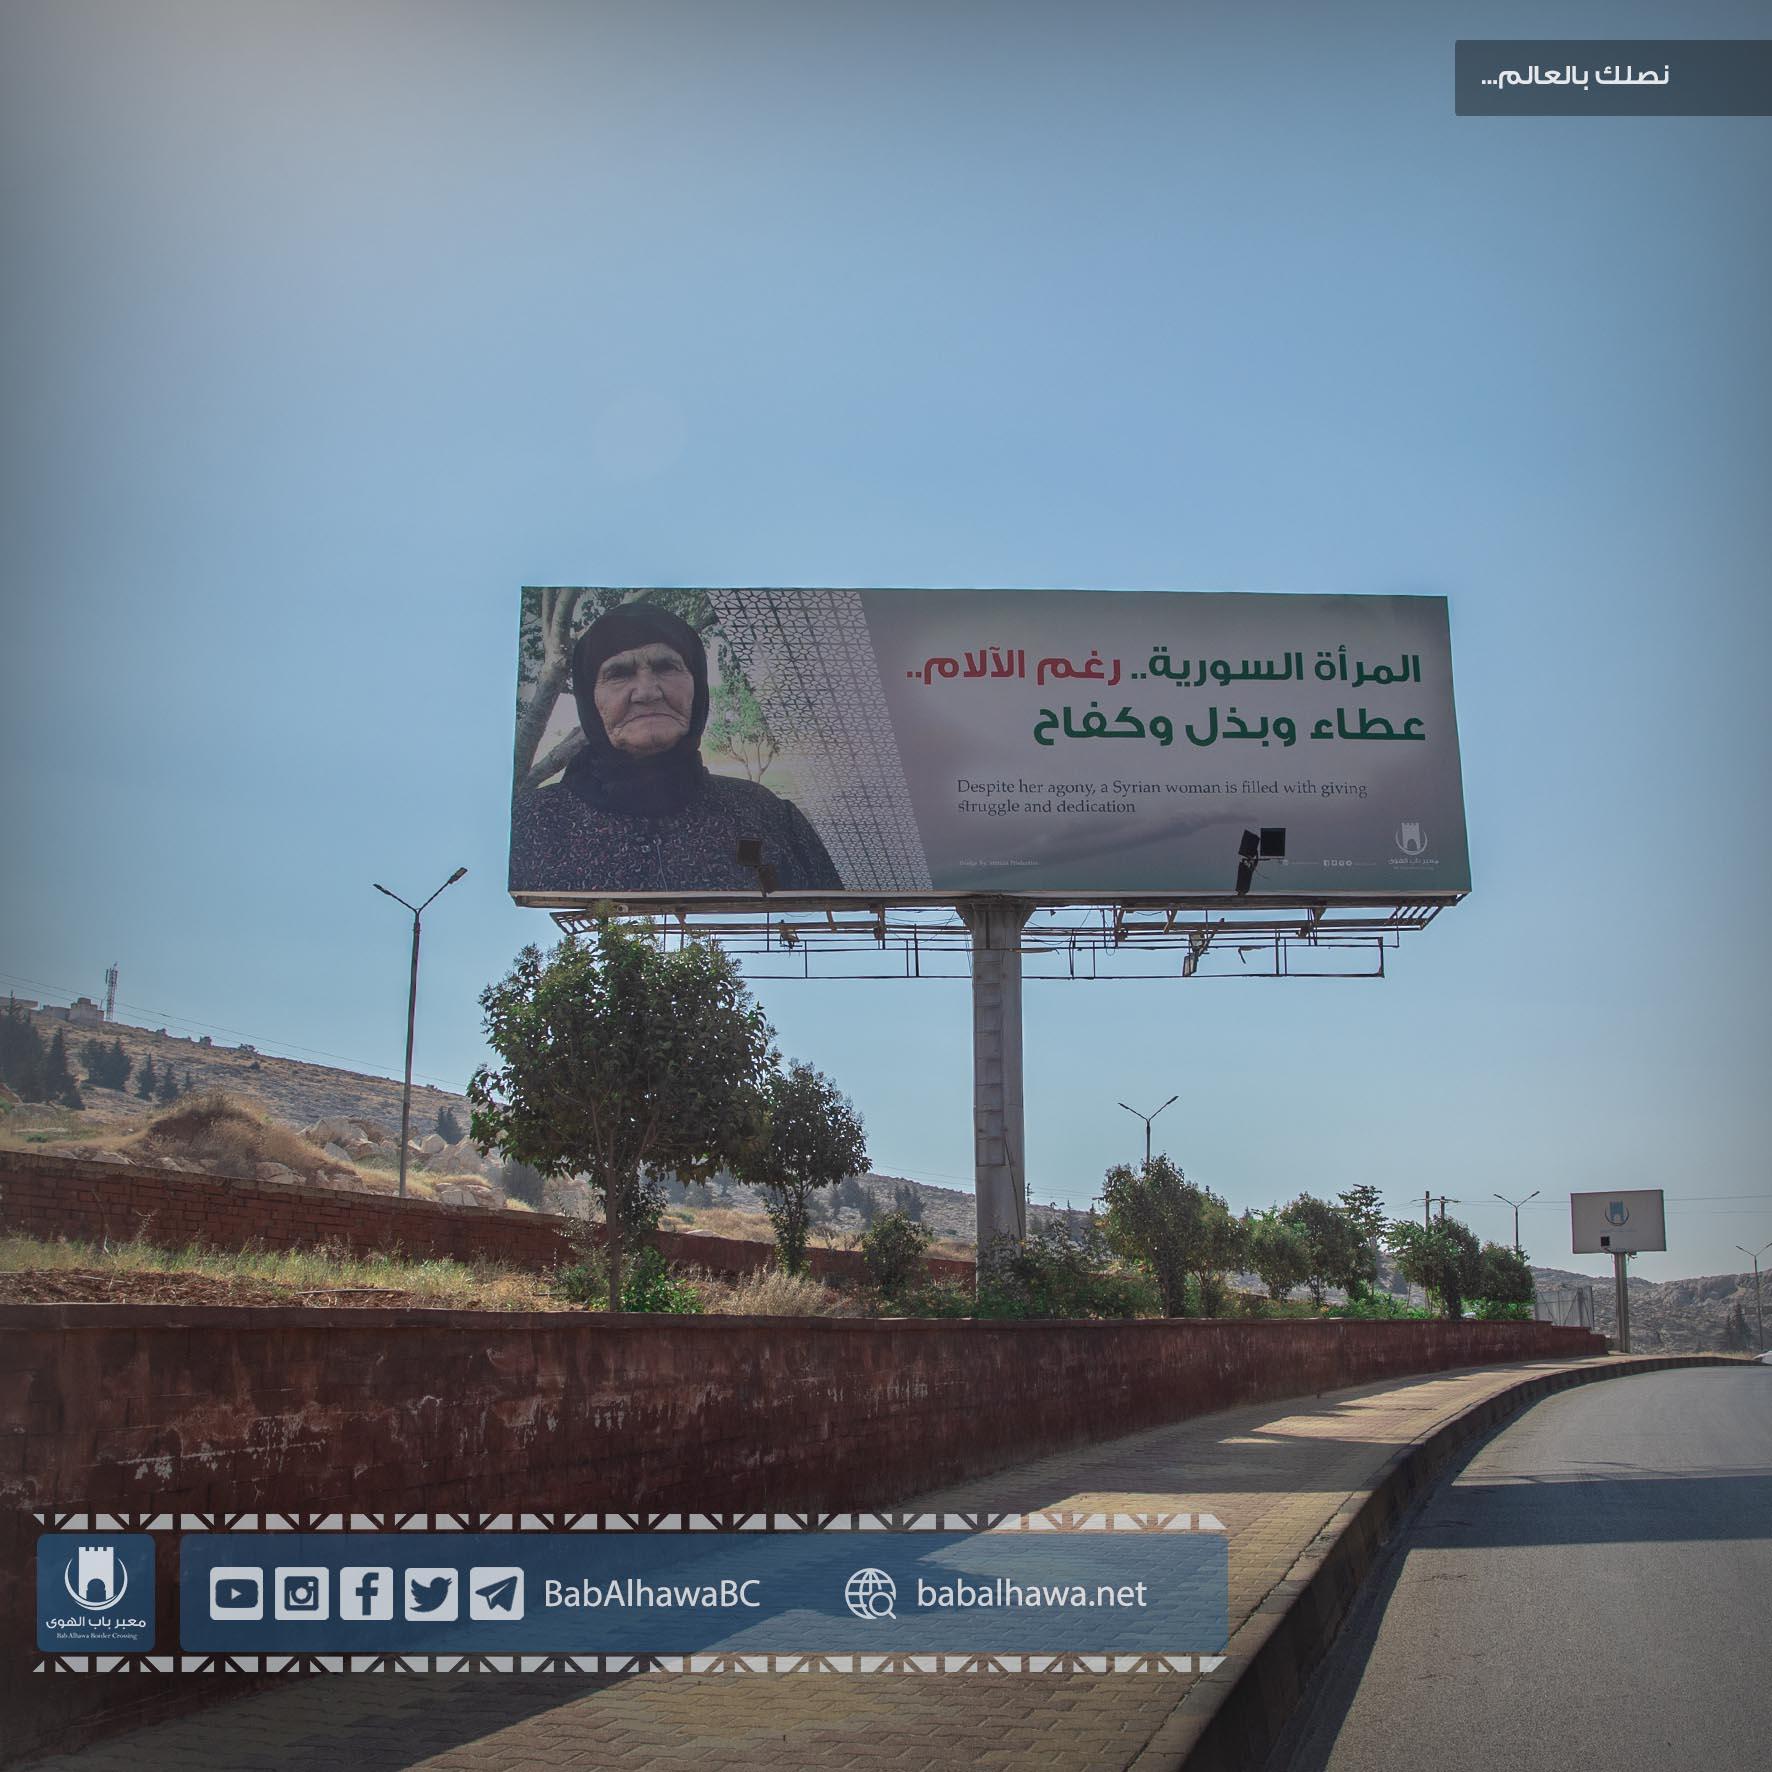 معبر باب الهوى - سورية